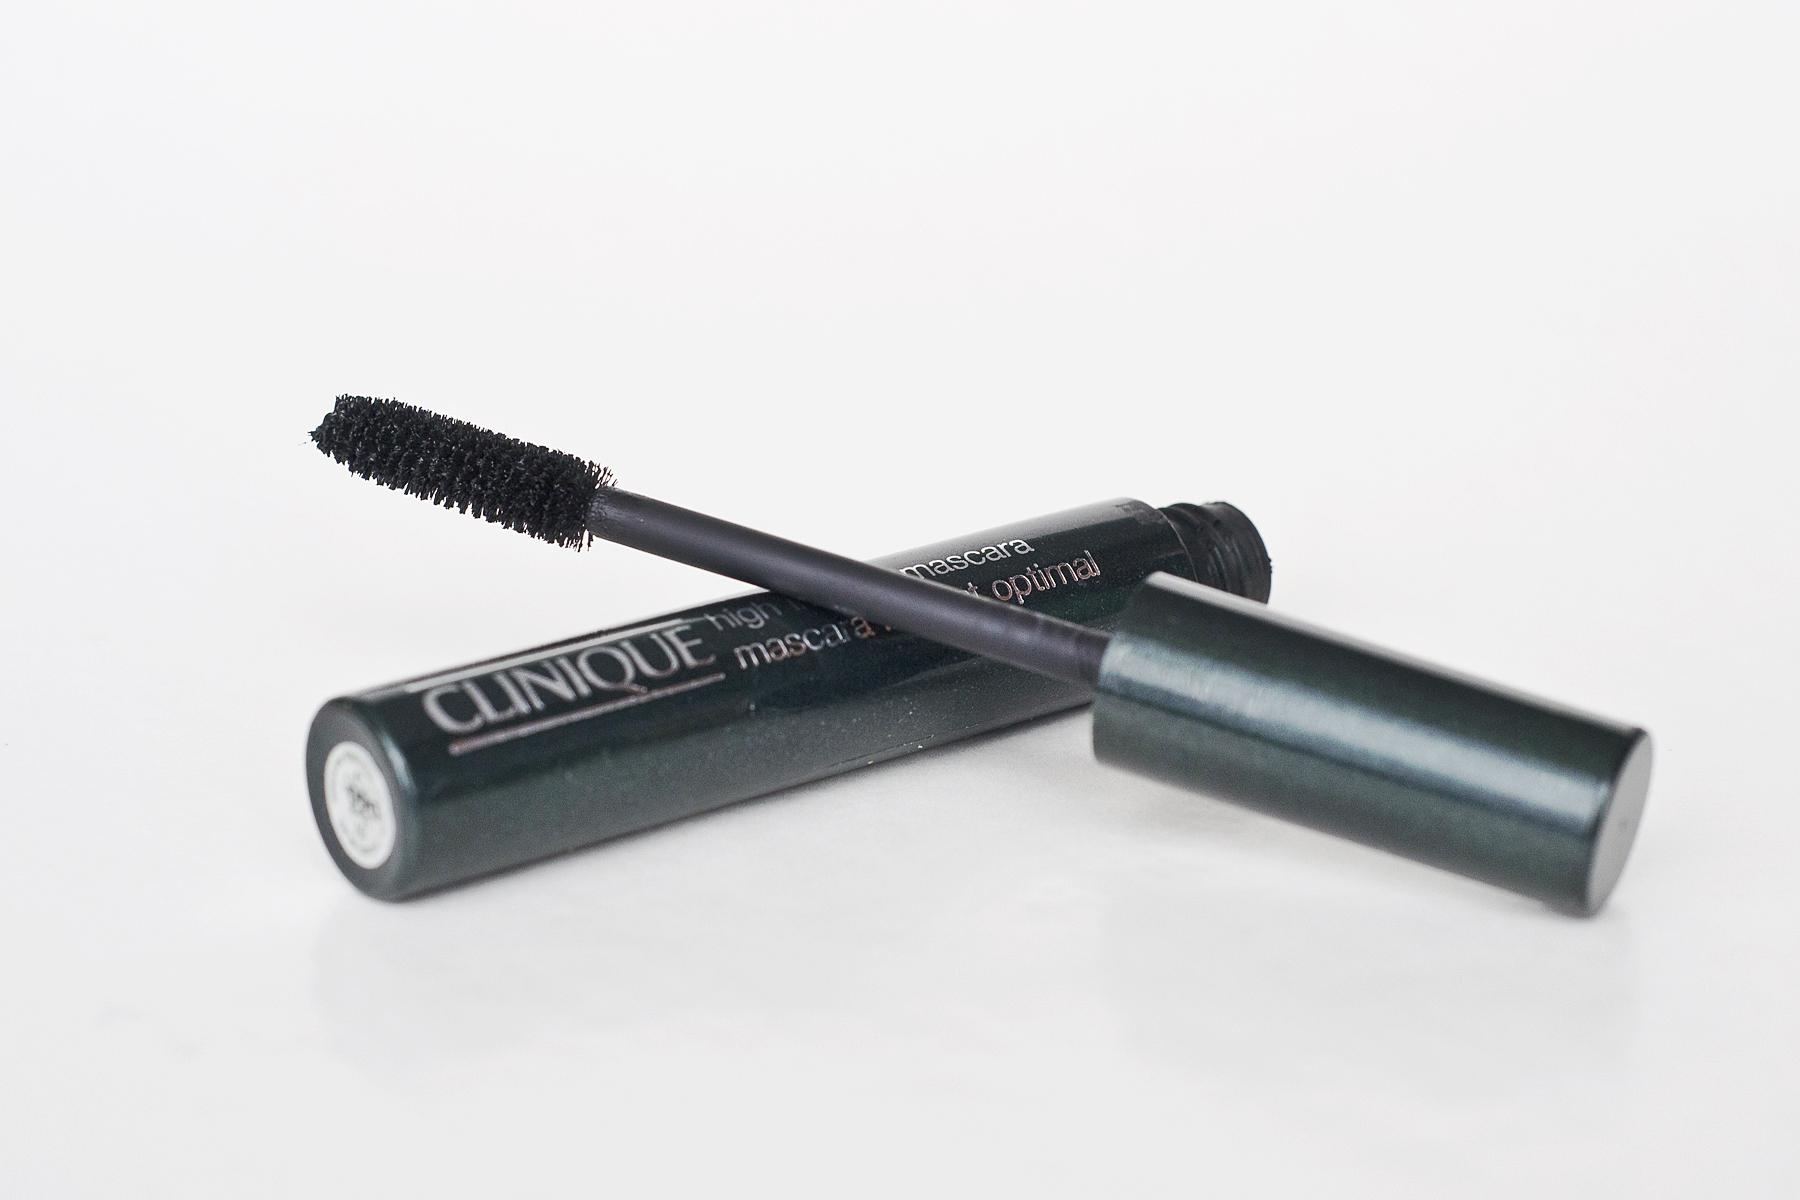 Review: Clinique, High impact mascara – Kikas skaistuma stūrītis